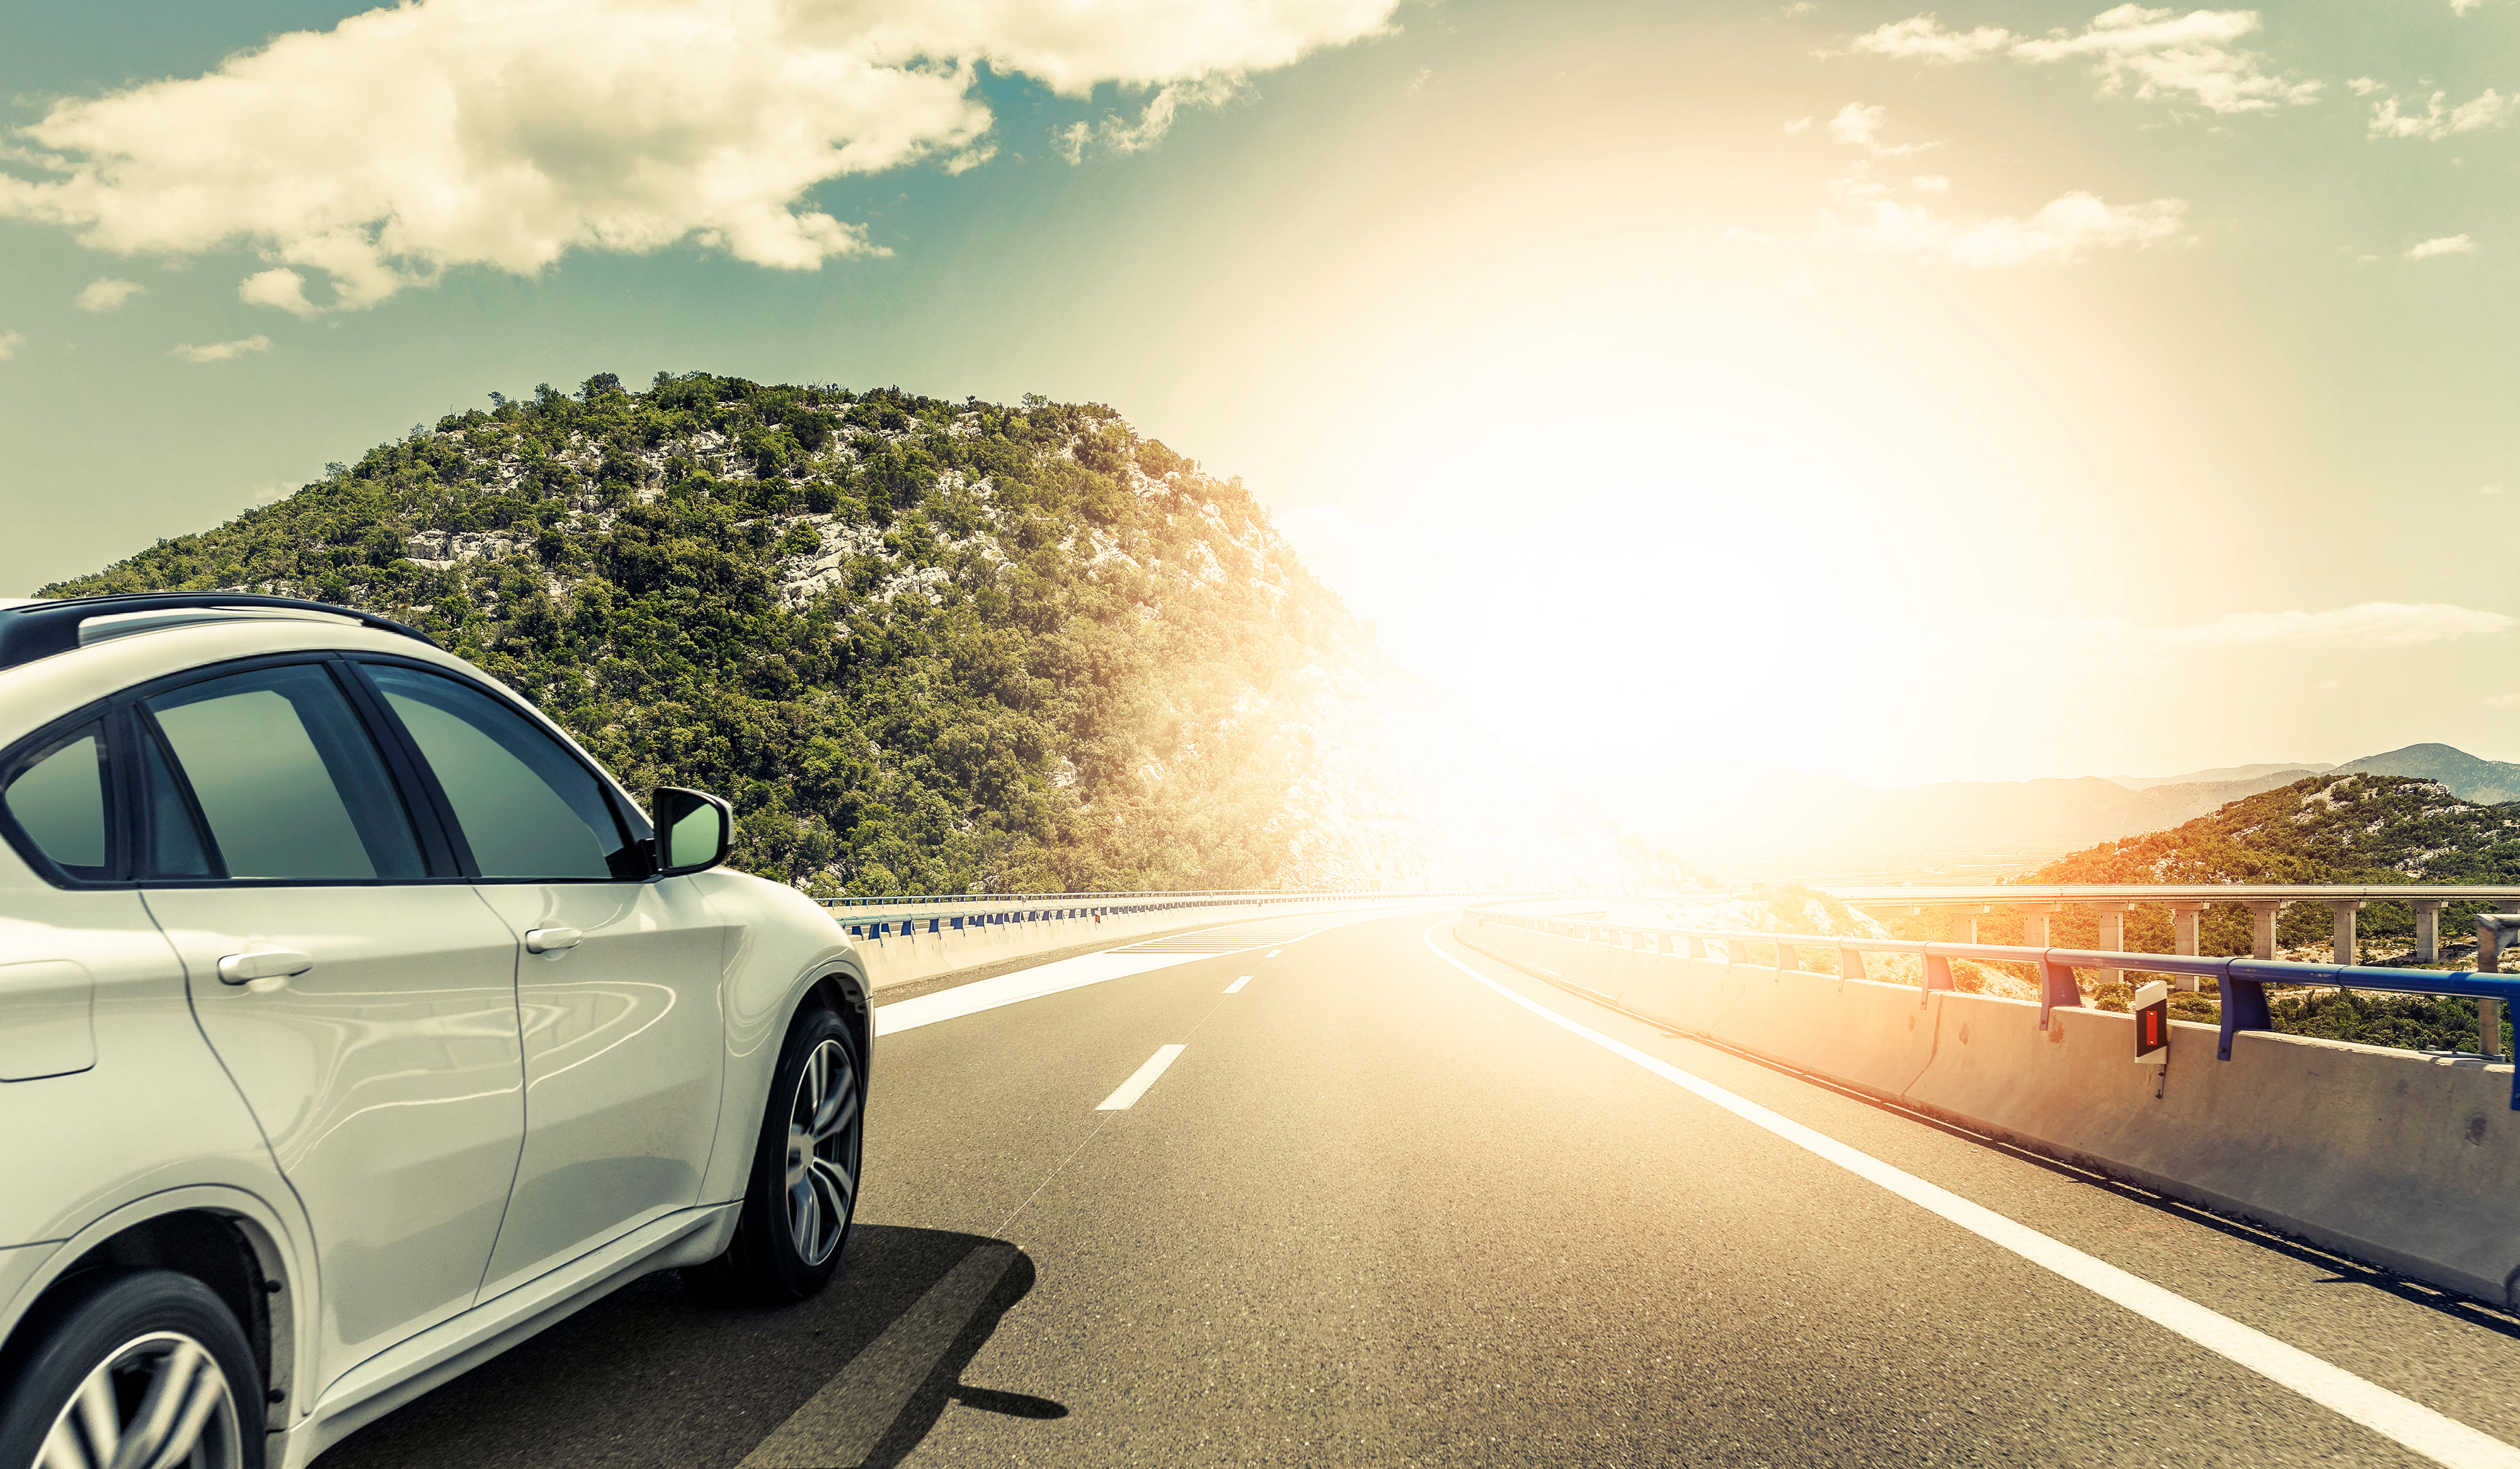 「スカイライン」の中古車を自社ローンで購入した方の車両価格相場と口コミ(体験談)